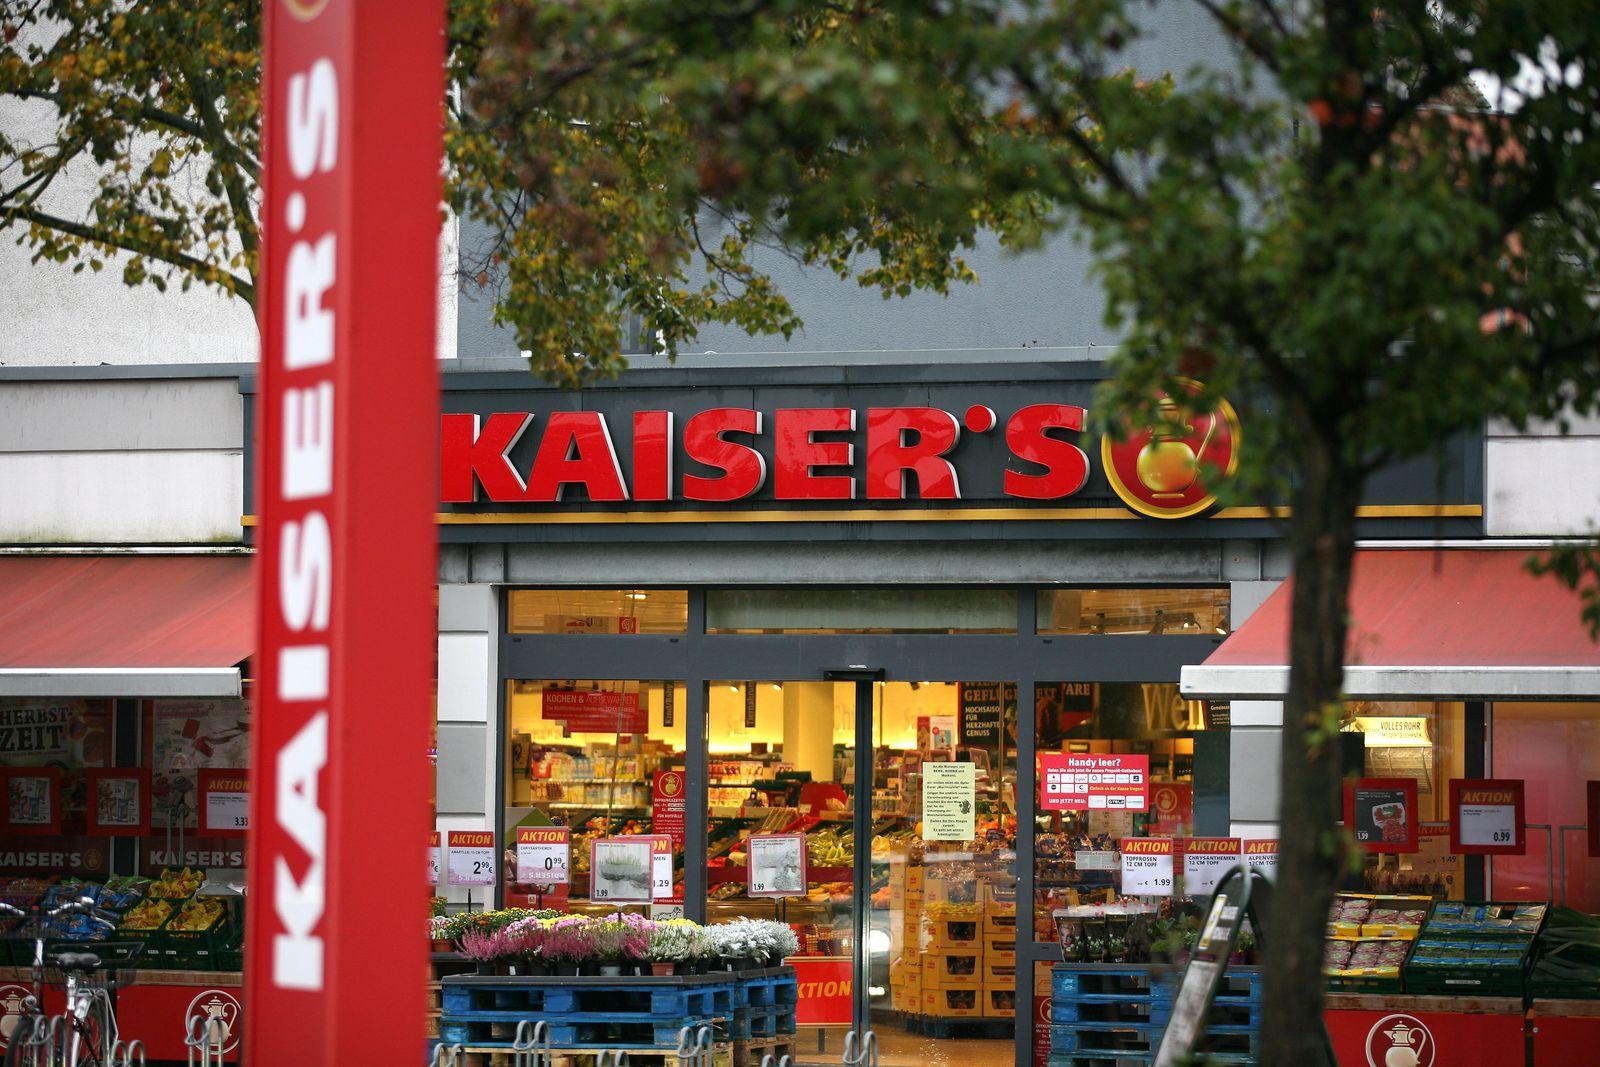 Kaisers Tengelmann Supermarkt